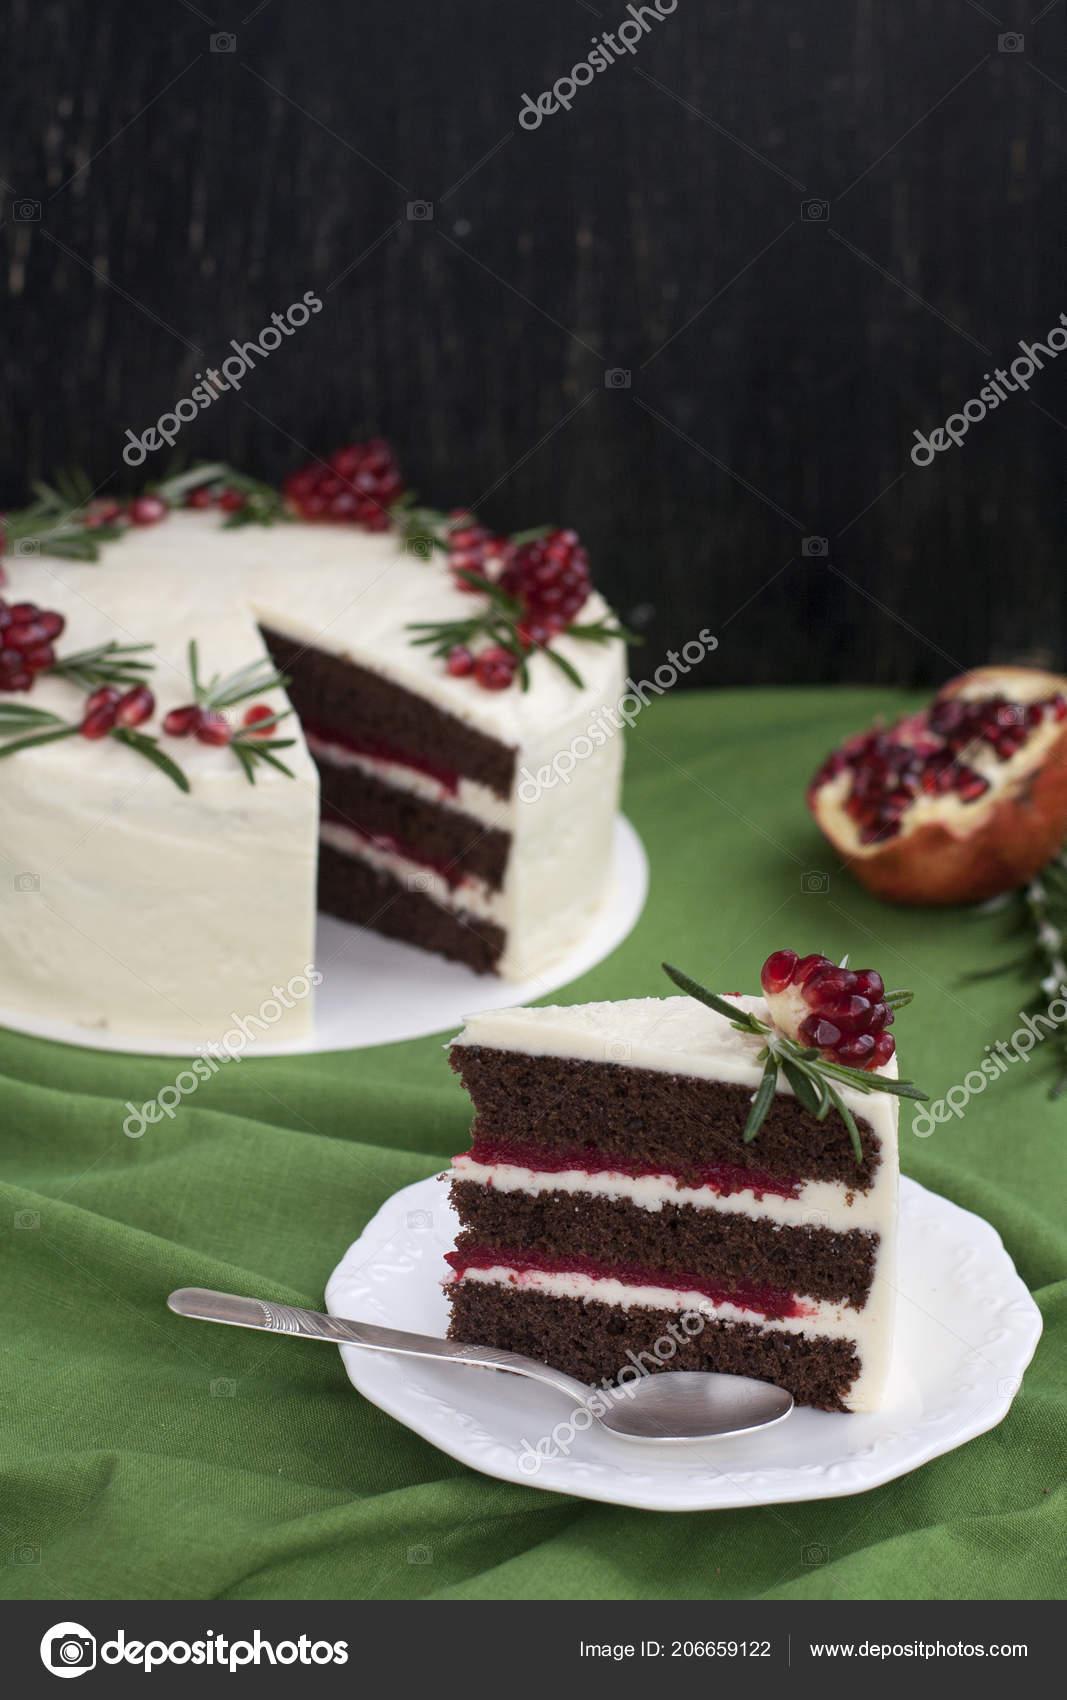 Schokoladenkuchen Mit Beeren Sahne Weisse Kase Sahne Granatapfel